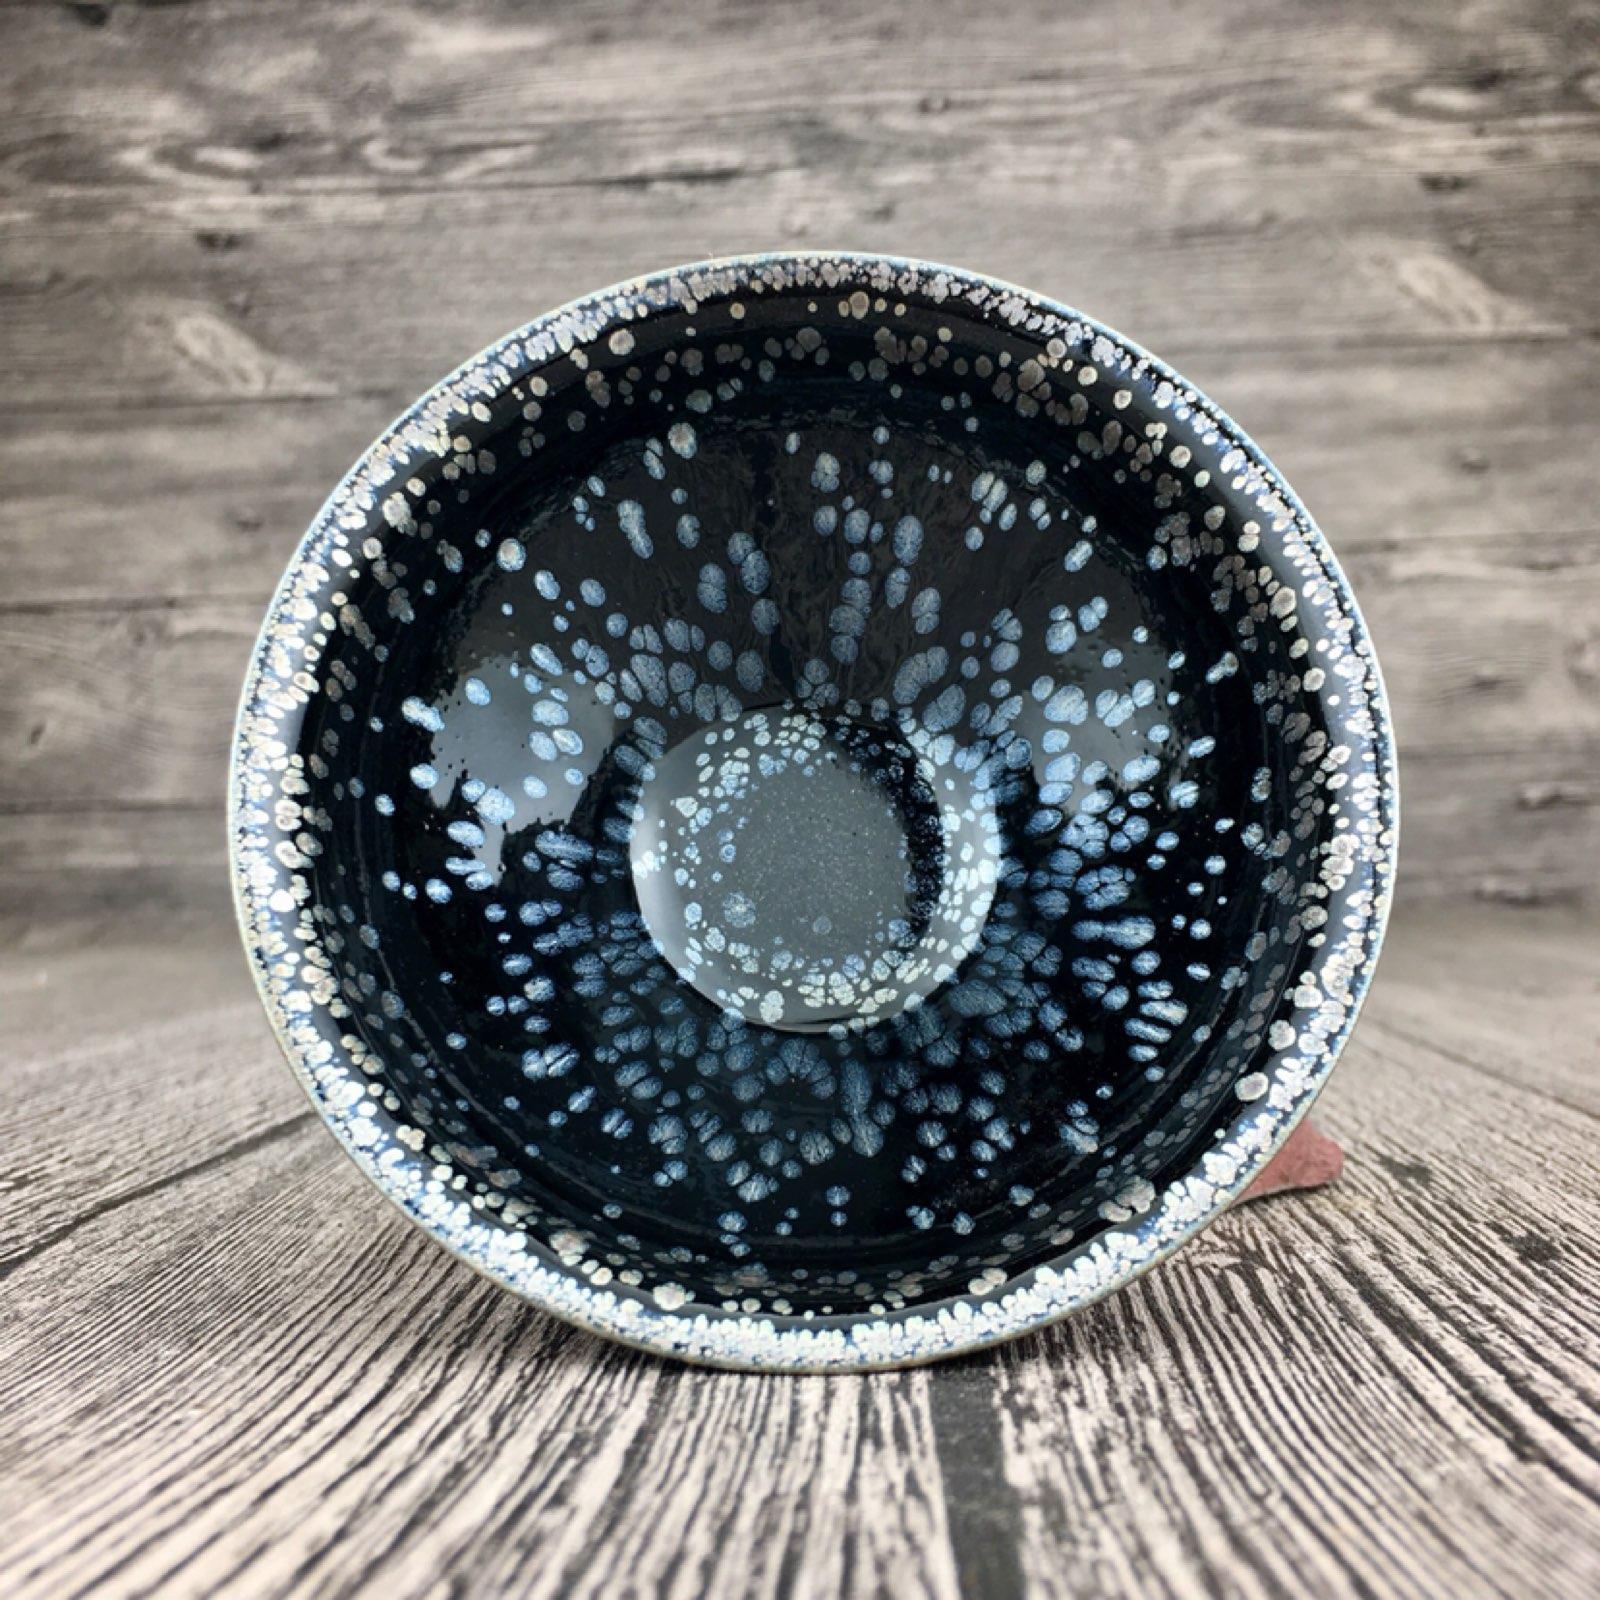 黑底银滴玉兰杯